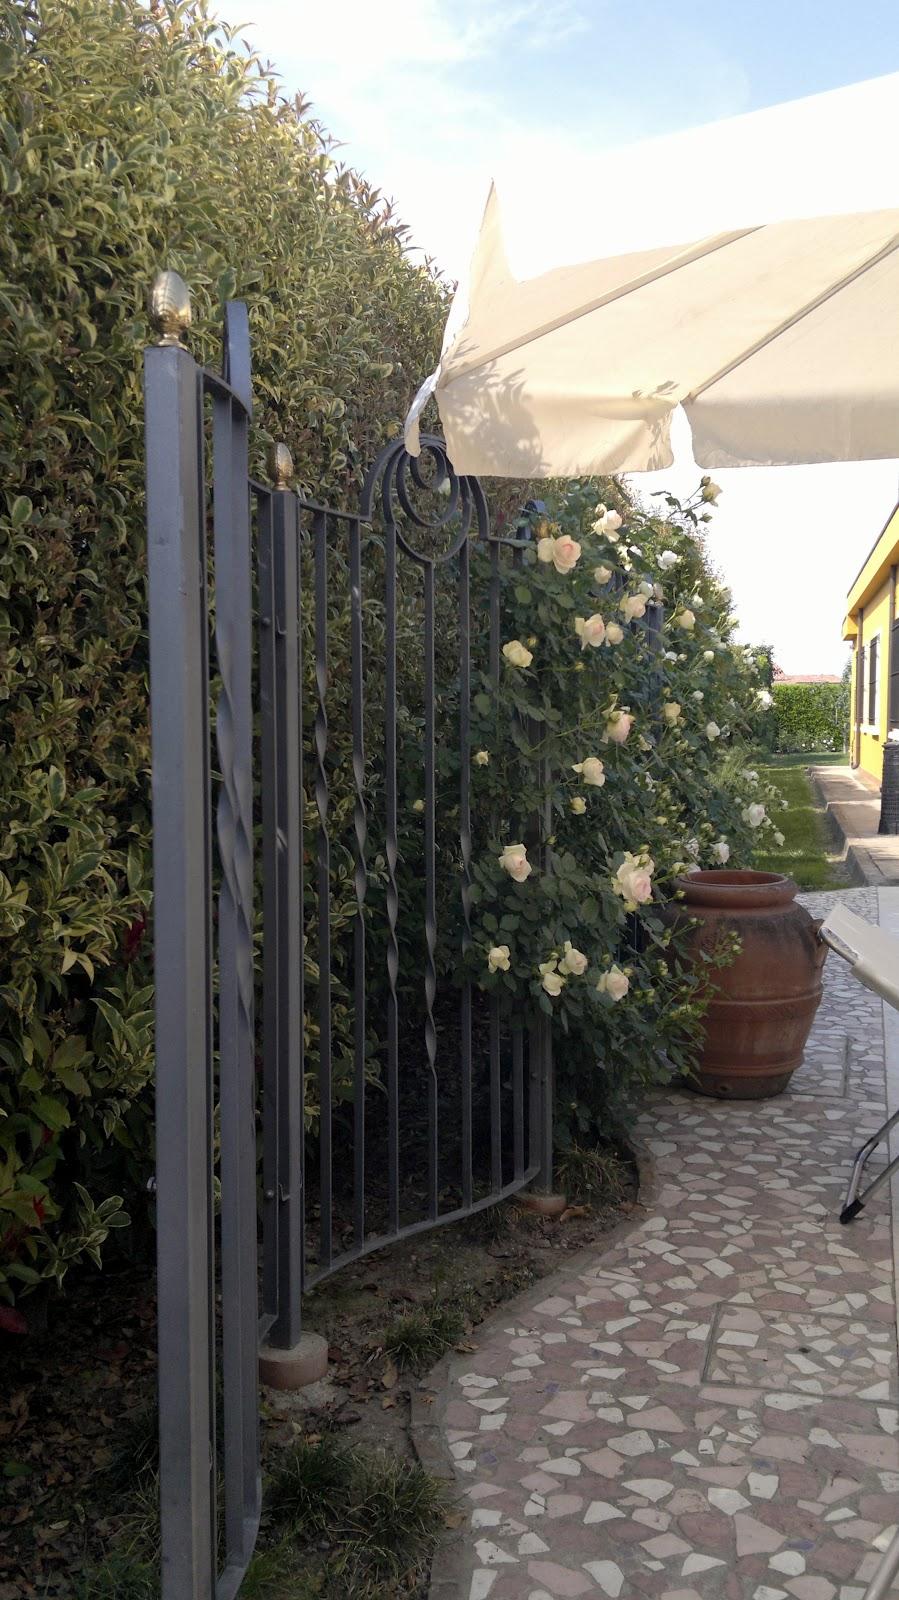 Archi tetti il ferro in giardino - Archi per giardino ...